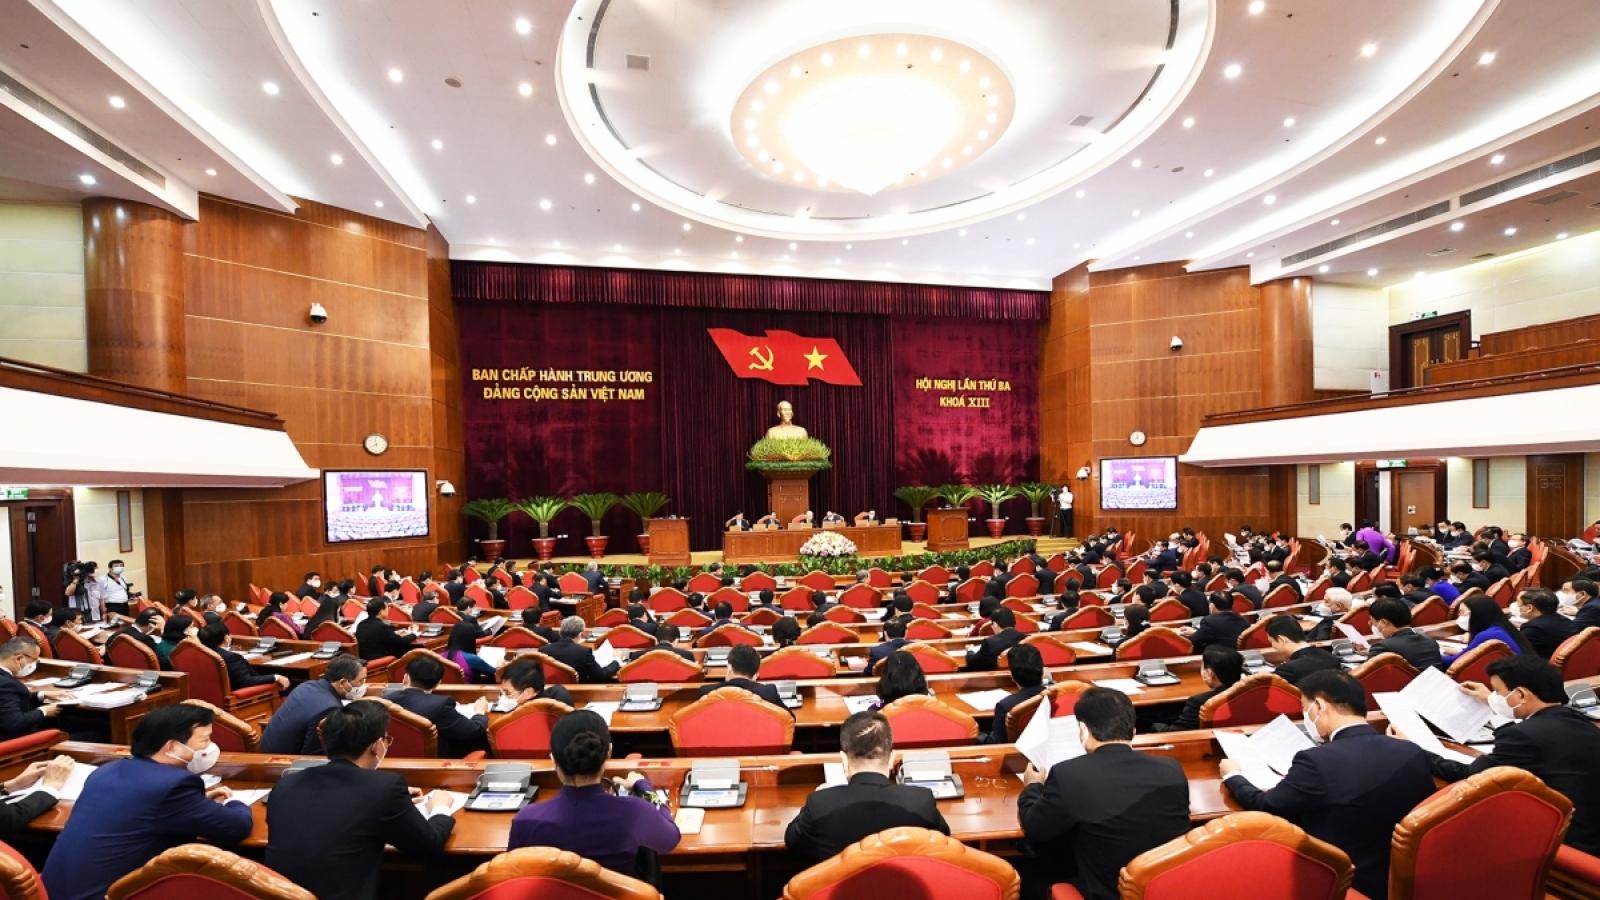 Trung ương thảo luận phương án giới thiệu bổ sung nhân sự cấp cao